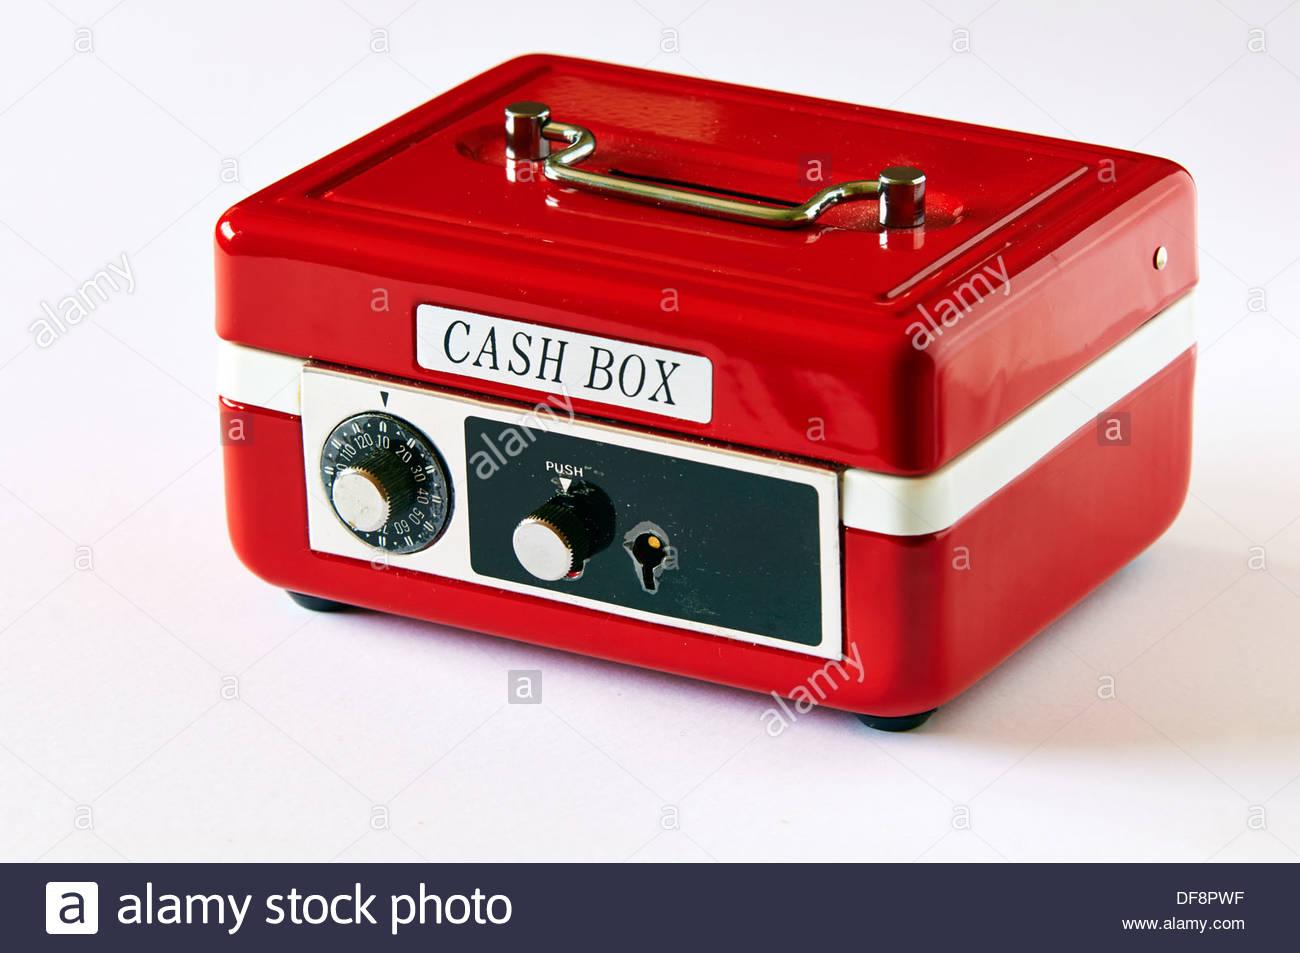 ein zinn metall rote geldkassette mit chrom griff und druckknopf keylock mit zahlenschloss. Black Bedroom Furniture Sets. Home Design Ideas